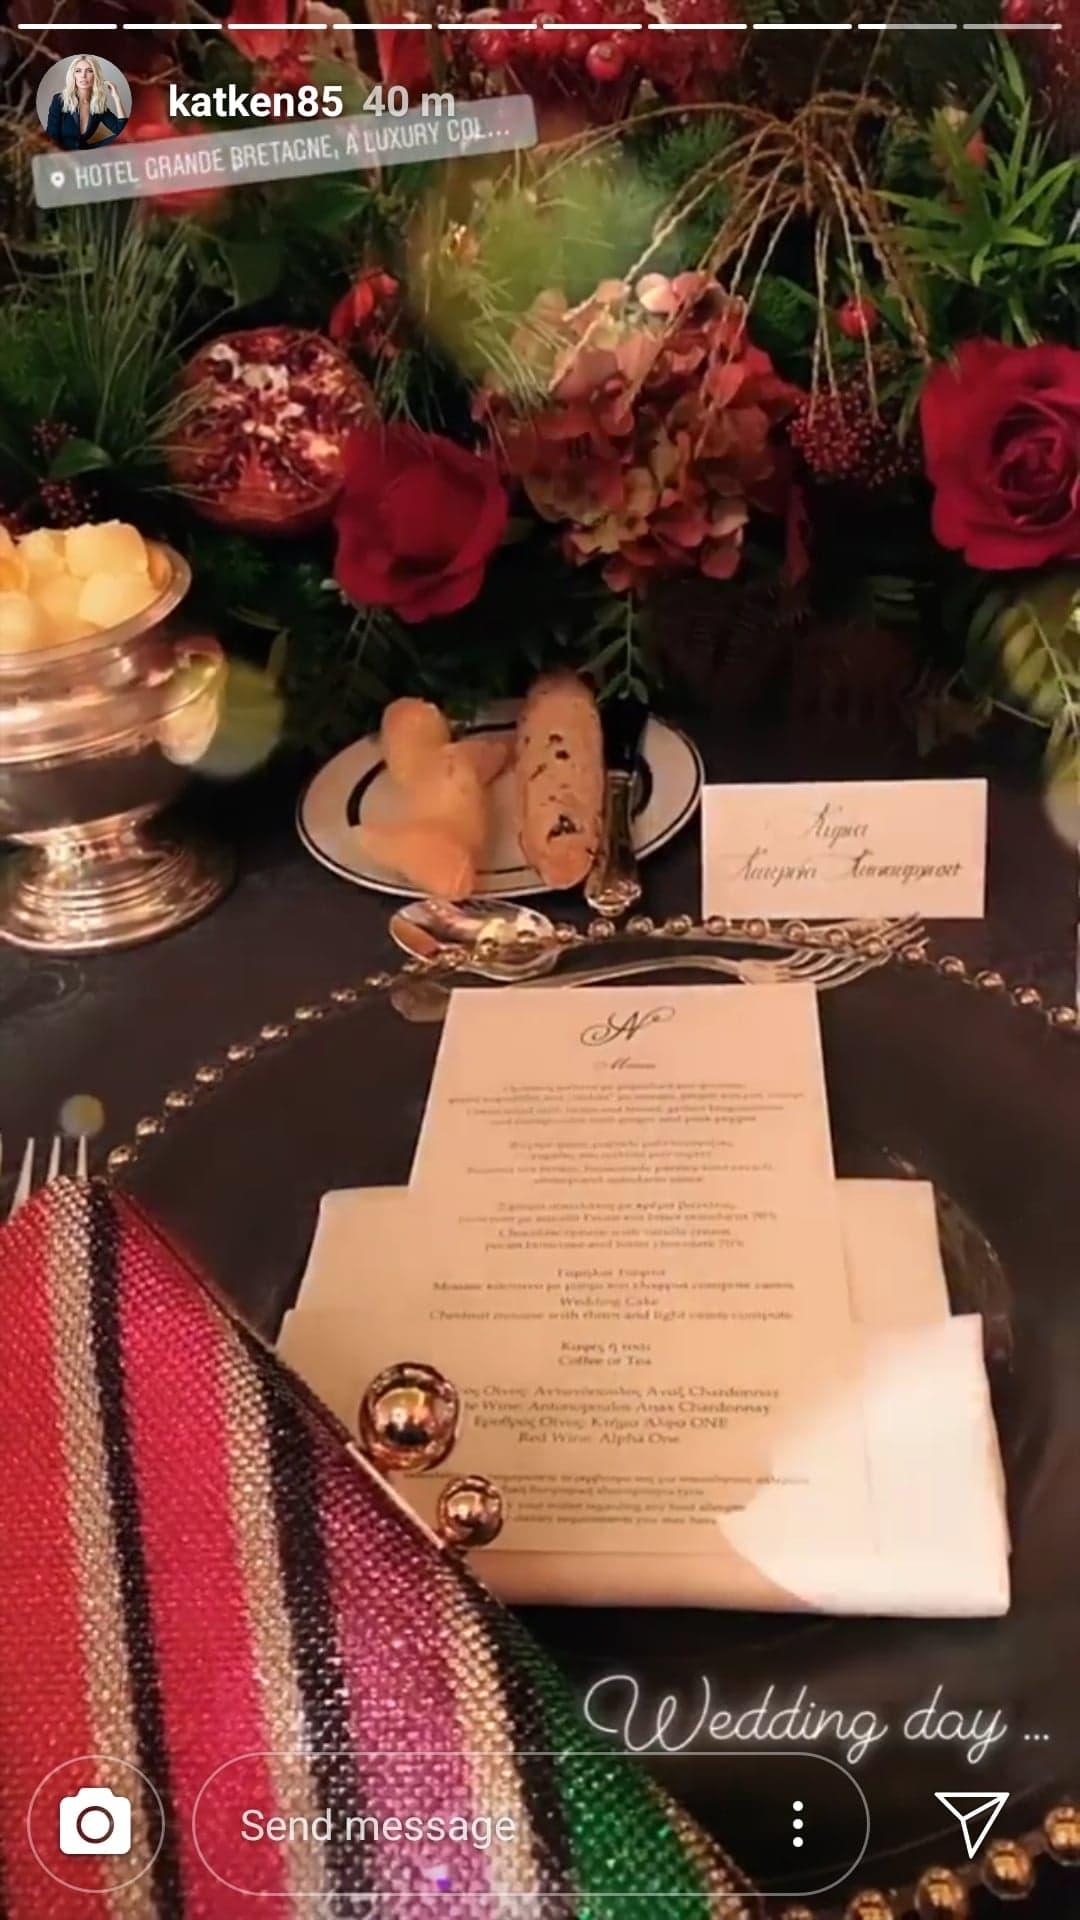 Kατερίνα Καινούργιου: Έκανε την πιο chic εμφάνιση, καλεσμένη σε γαμήλιο γεύμα!(εικόνες)